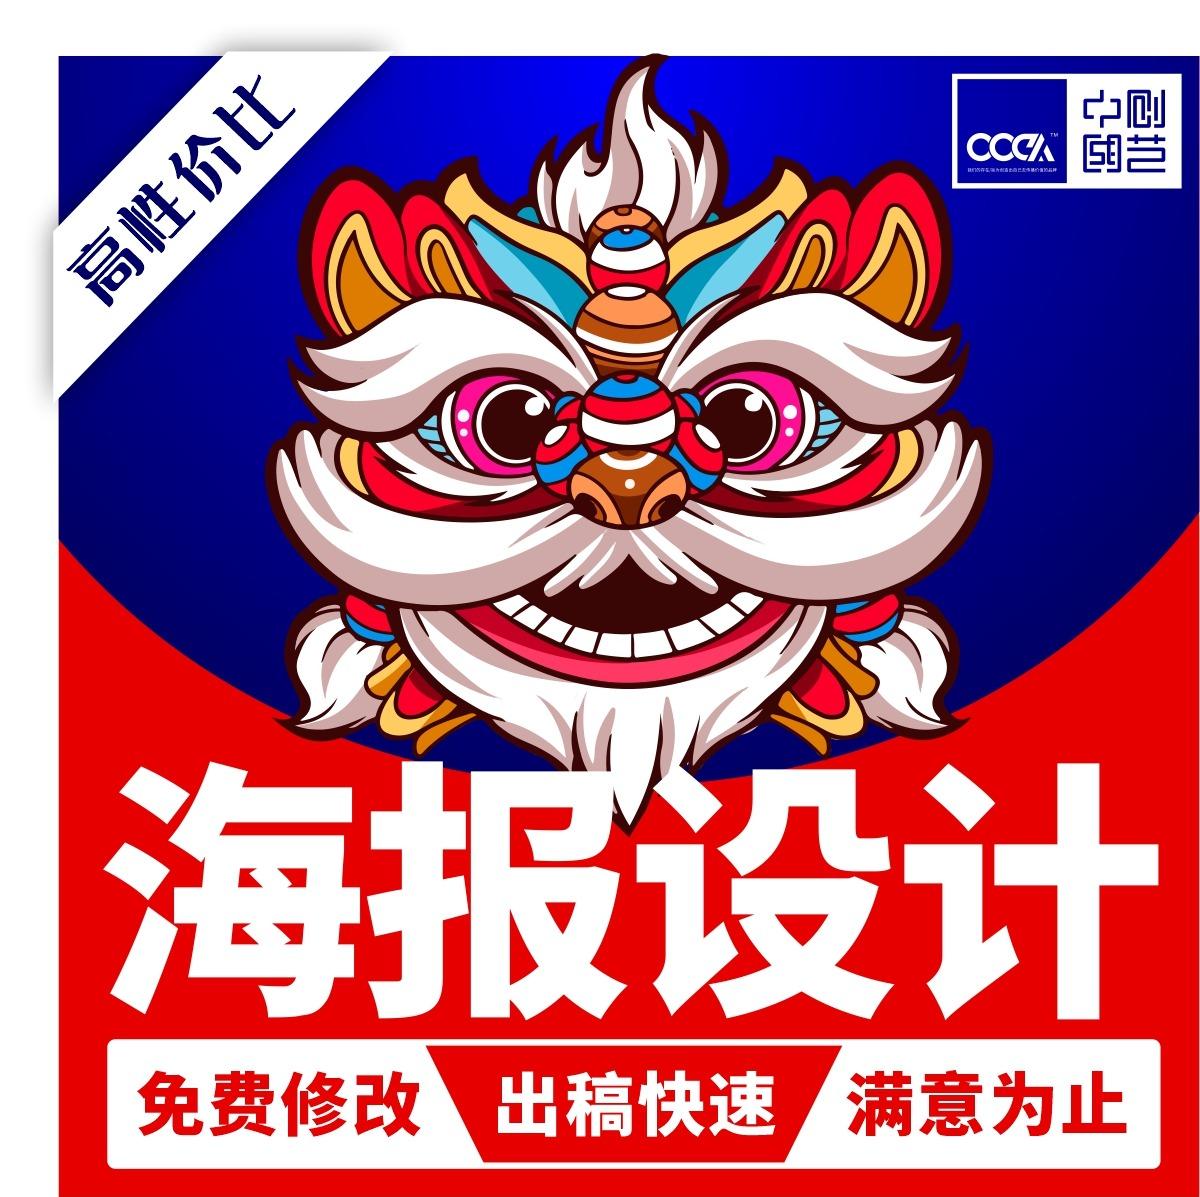 【包满意包原创】海报设计宣传品展架易拉宝企业文化海报展架宣传